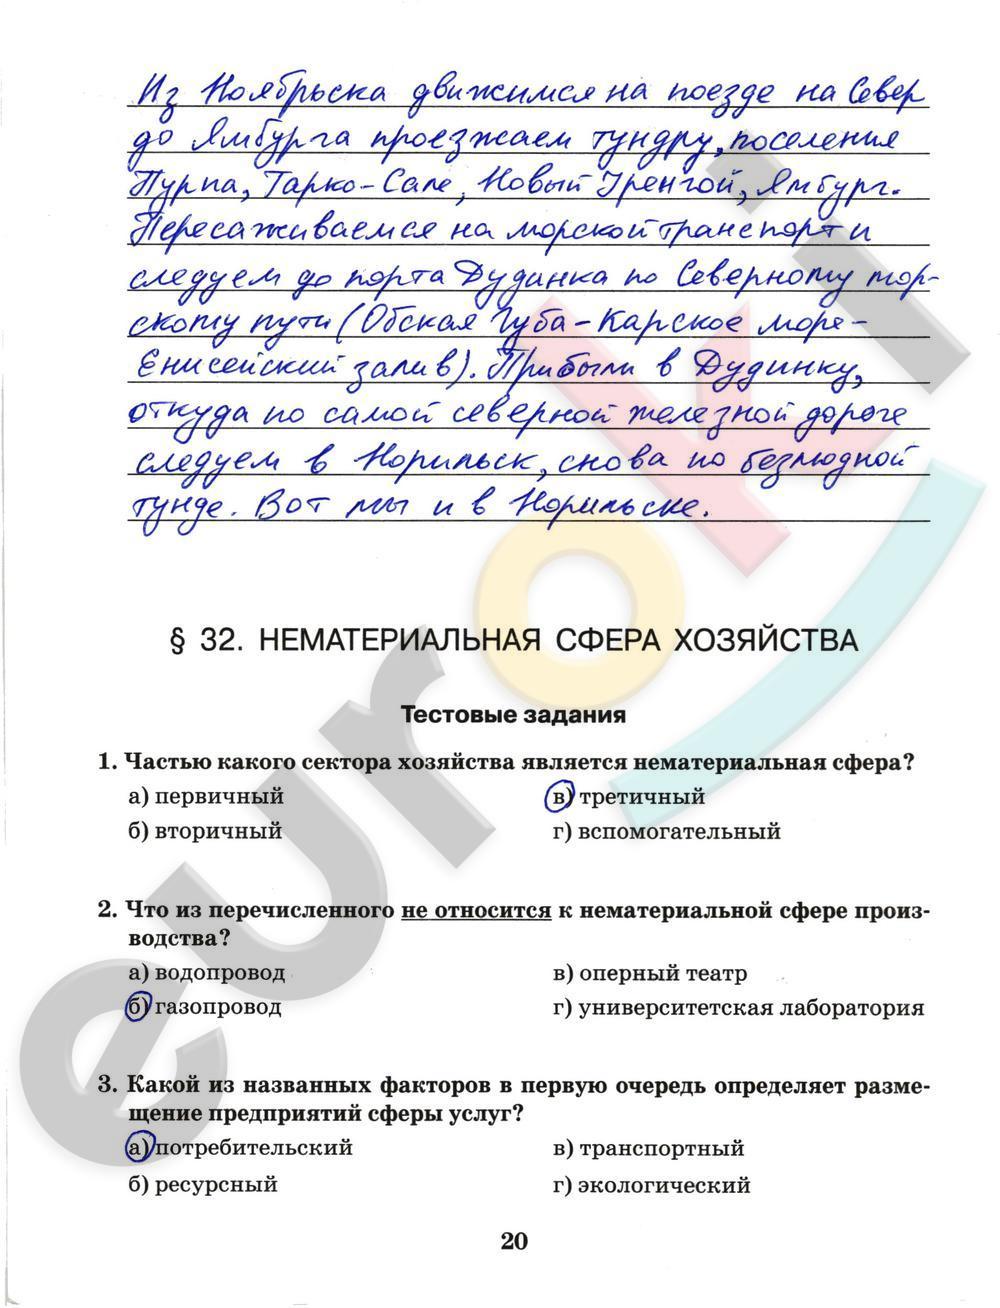 ГДЗ по географии 9 класс рабочая тетрадь Домогацких Часть 1, 2. Задание: стр. 20